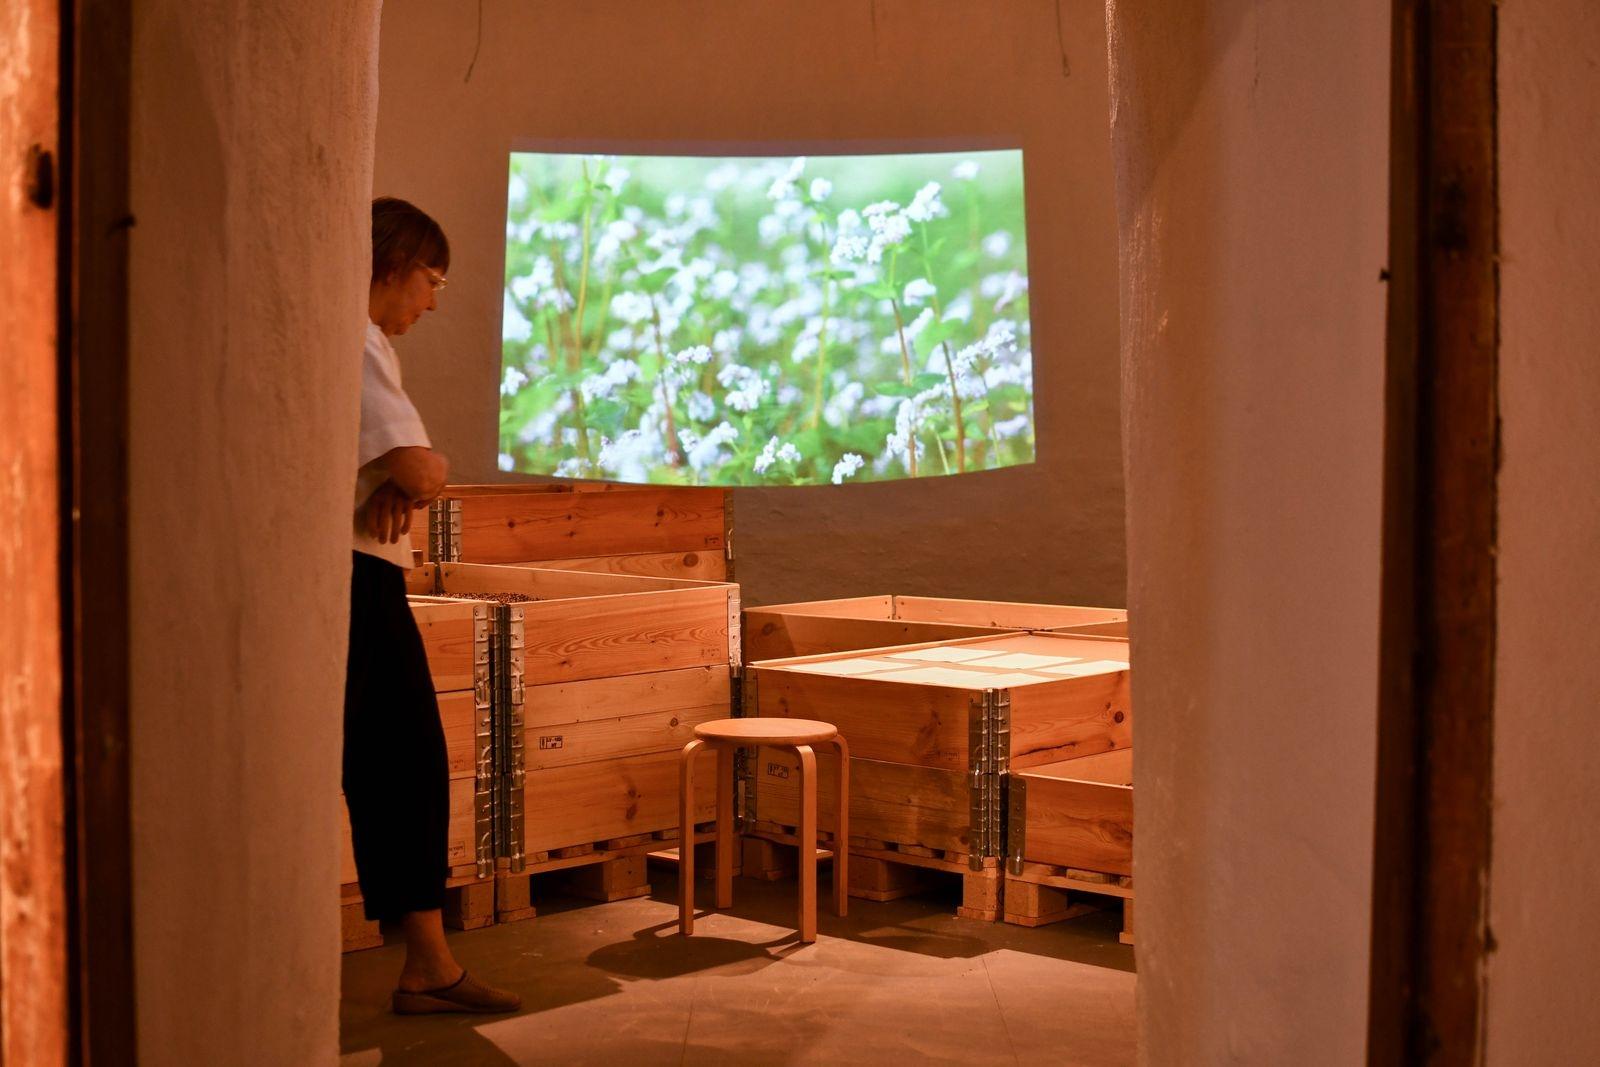 I utställningen Livs-medel visas foton, en film och texterna ur en skrift om örten bovete från ett kulturhistoriskt perspektiv.